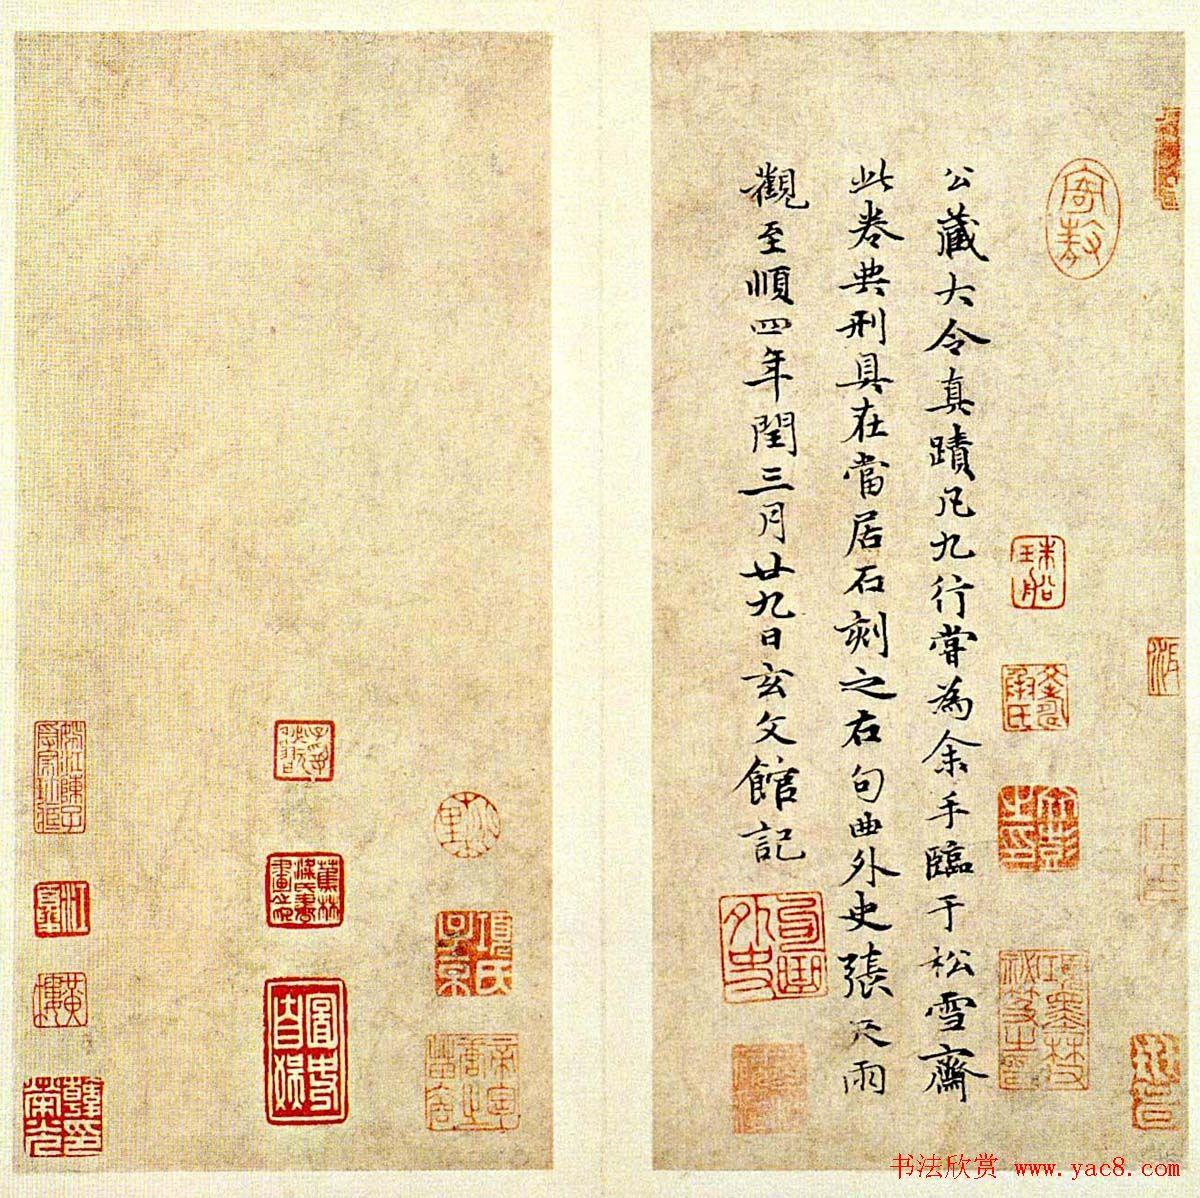 赵孟頫小楷作品欣赏《洛神赋册》